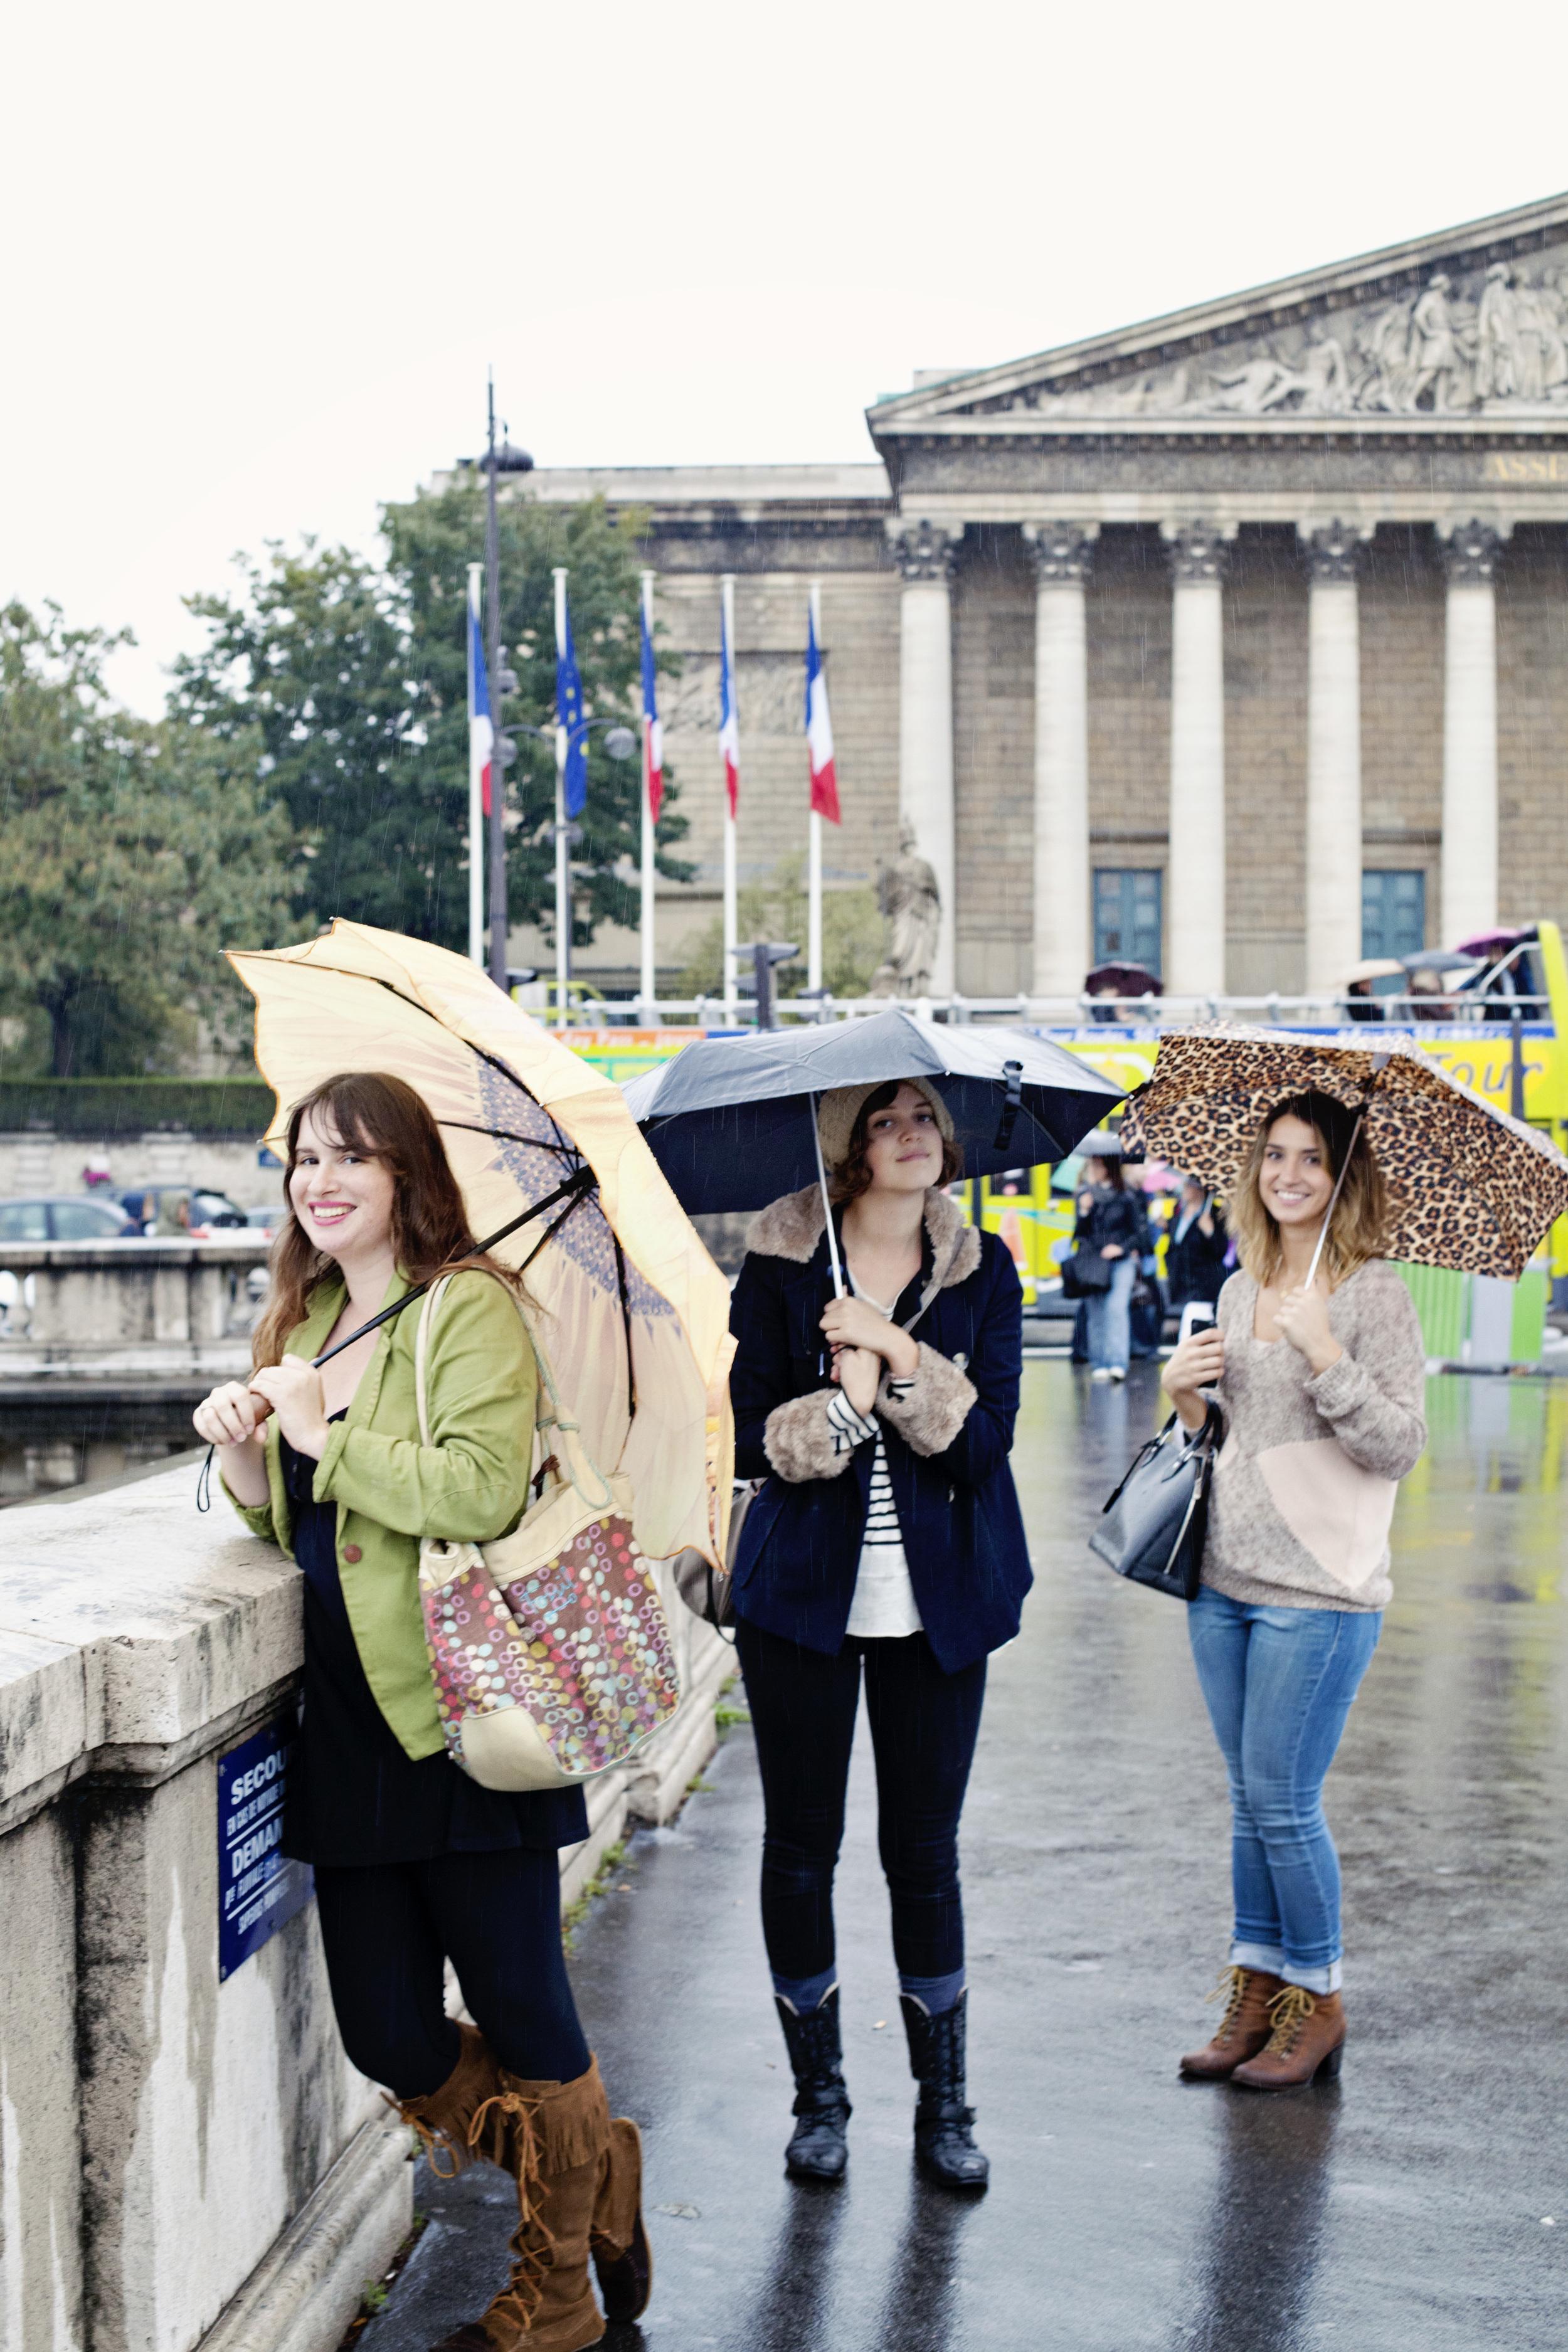 Paris_20121006_0288_1